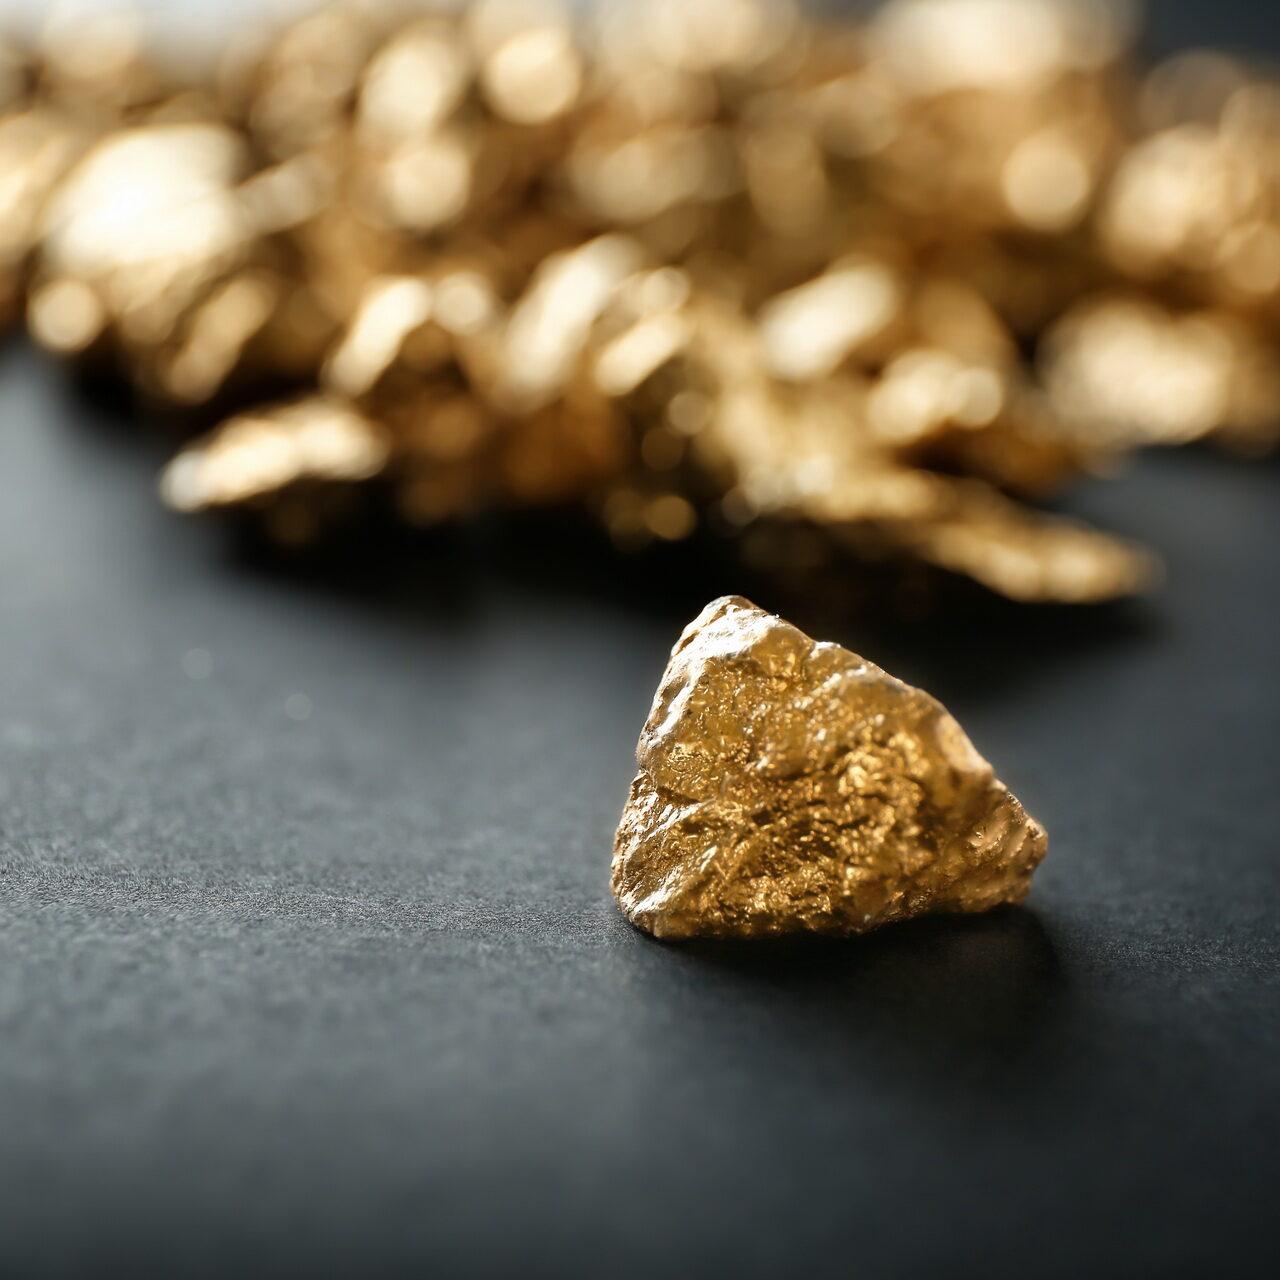 Stärkere Verbrauchernachfrage nach Gold mildert Auswirkungen der Abflüsse aus goldbesicherten ETFs